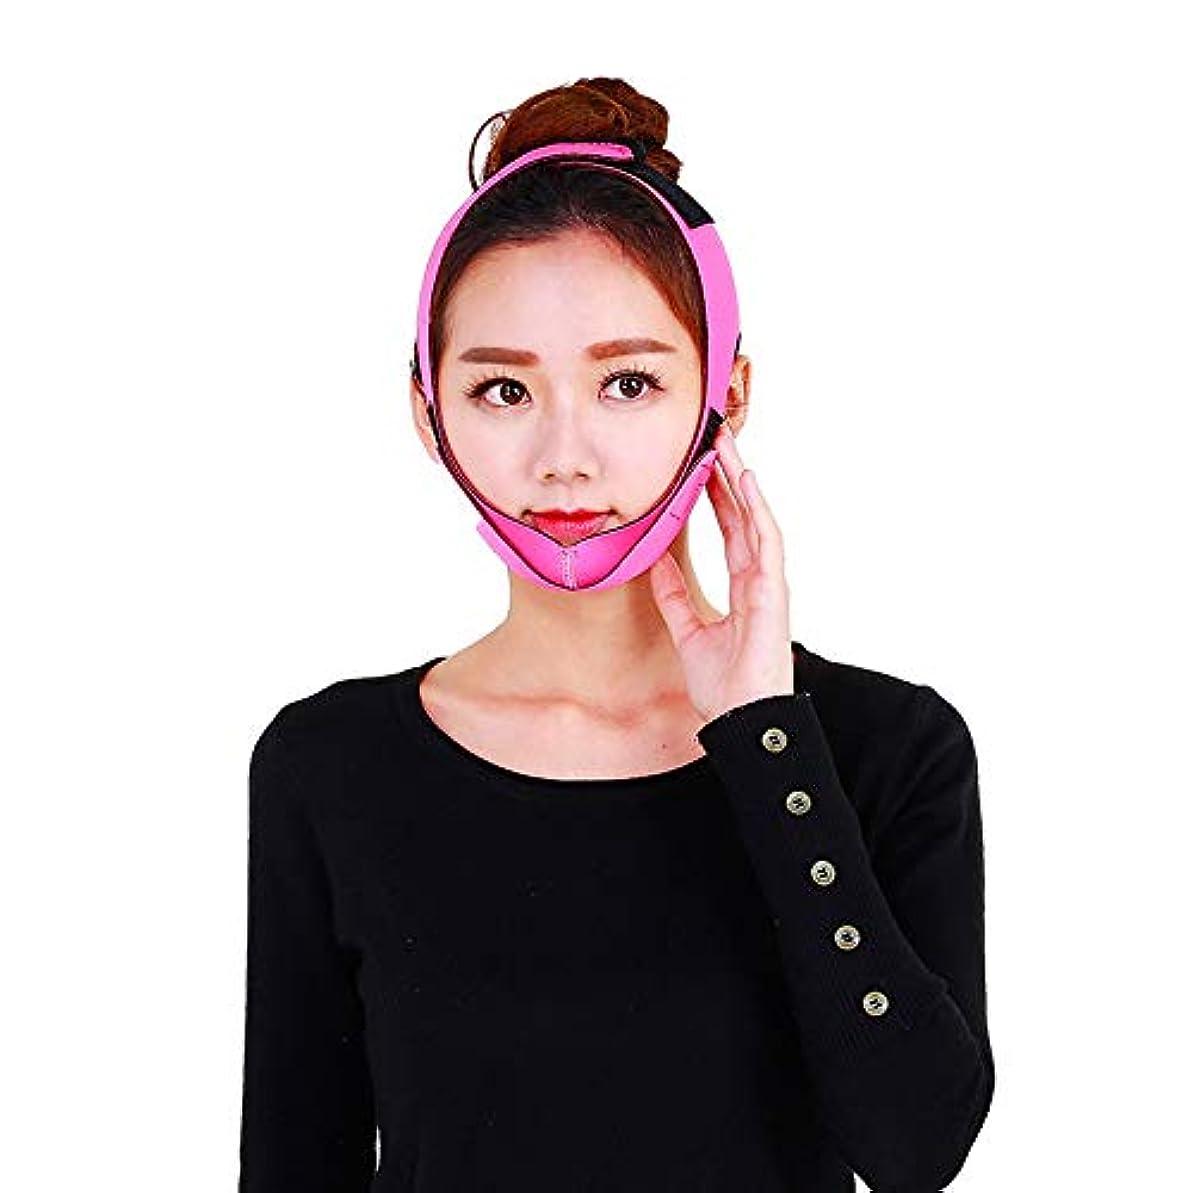 項目ギャザー運搬Jia Jia- 顔の持ち上がる痩身ベルト - 薄い顔包帯二重あごのデバイス無料の顔のマッサージ整形マスクが顔と首を締めます 顔面包帯